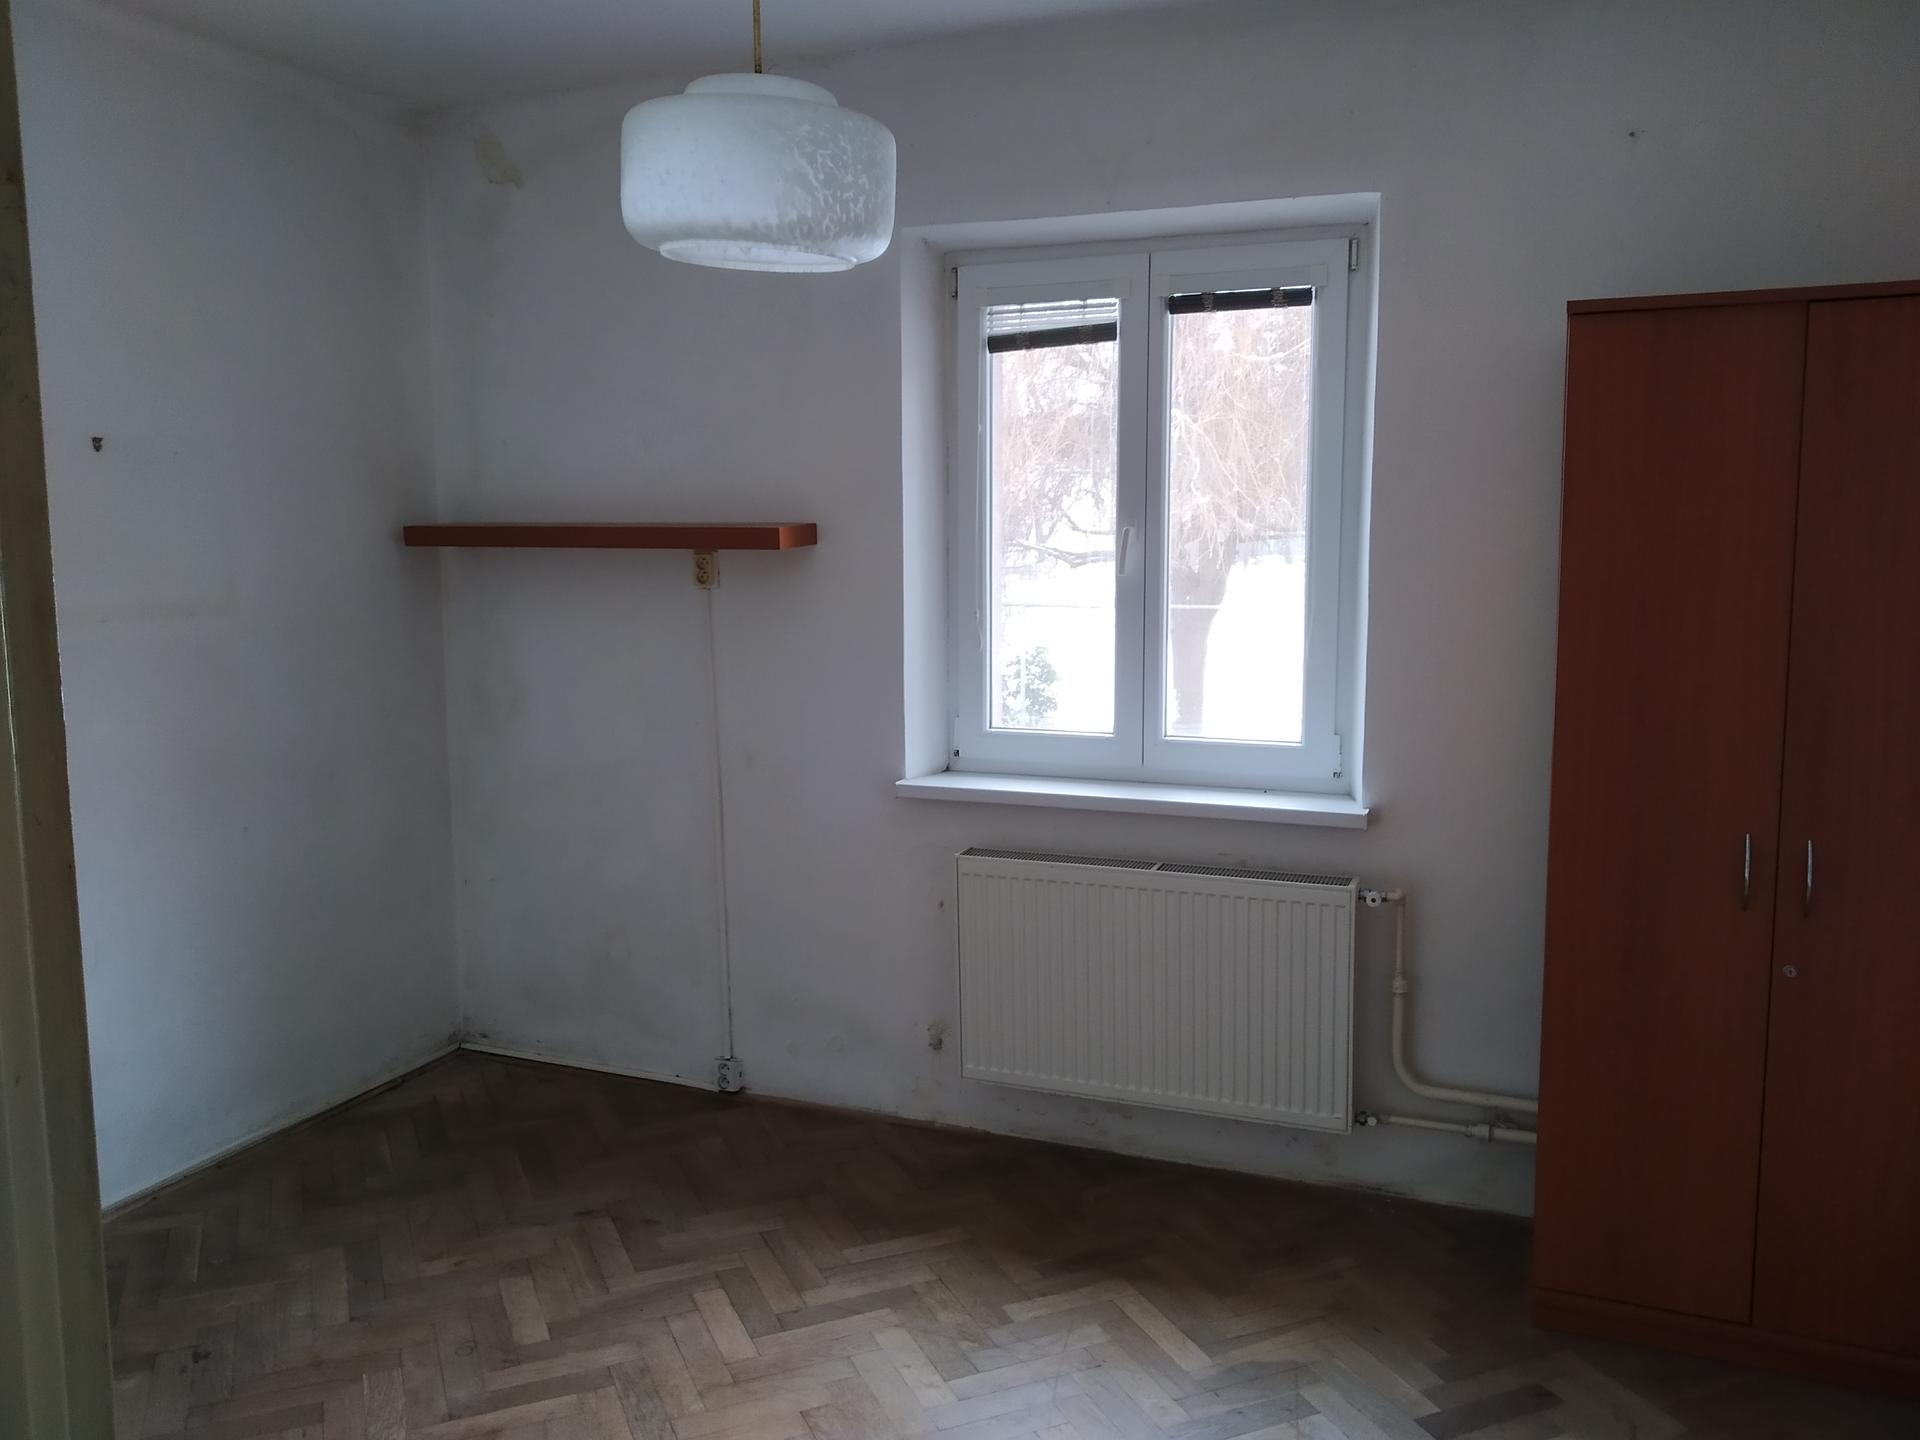 Rekonštrukcia domu - Obrázok č. 4